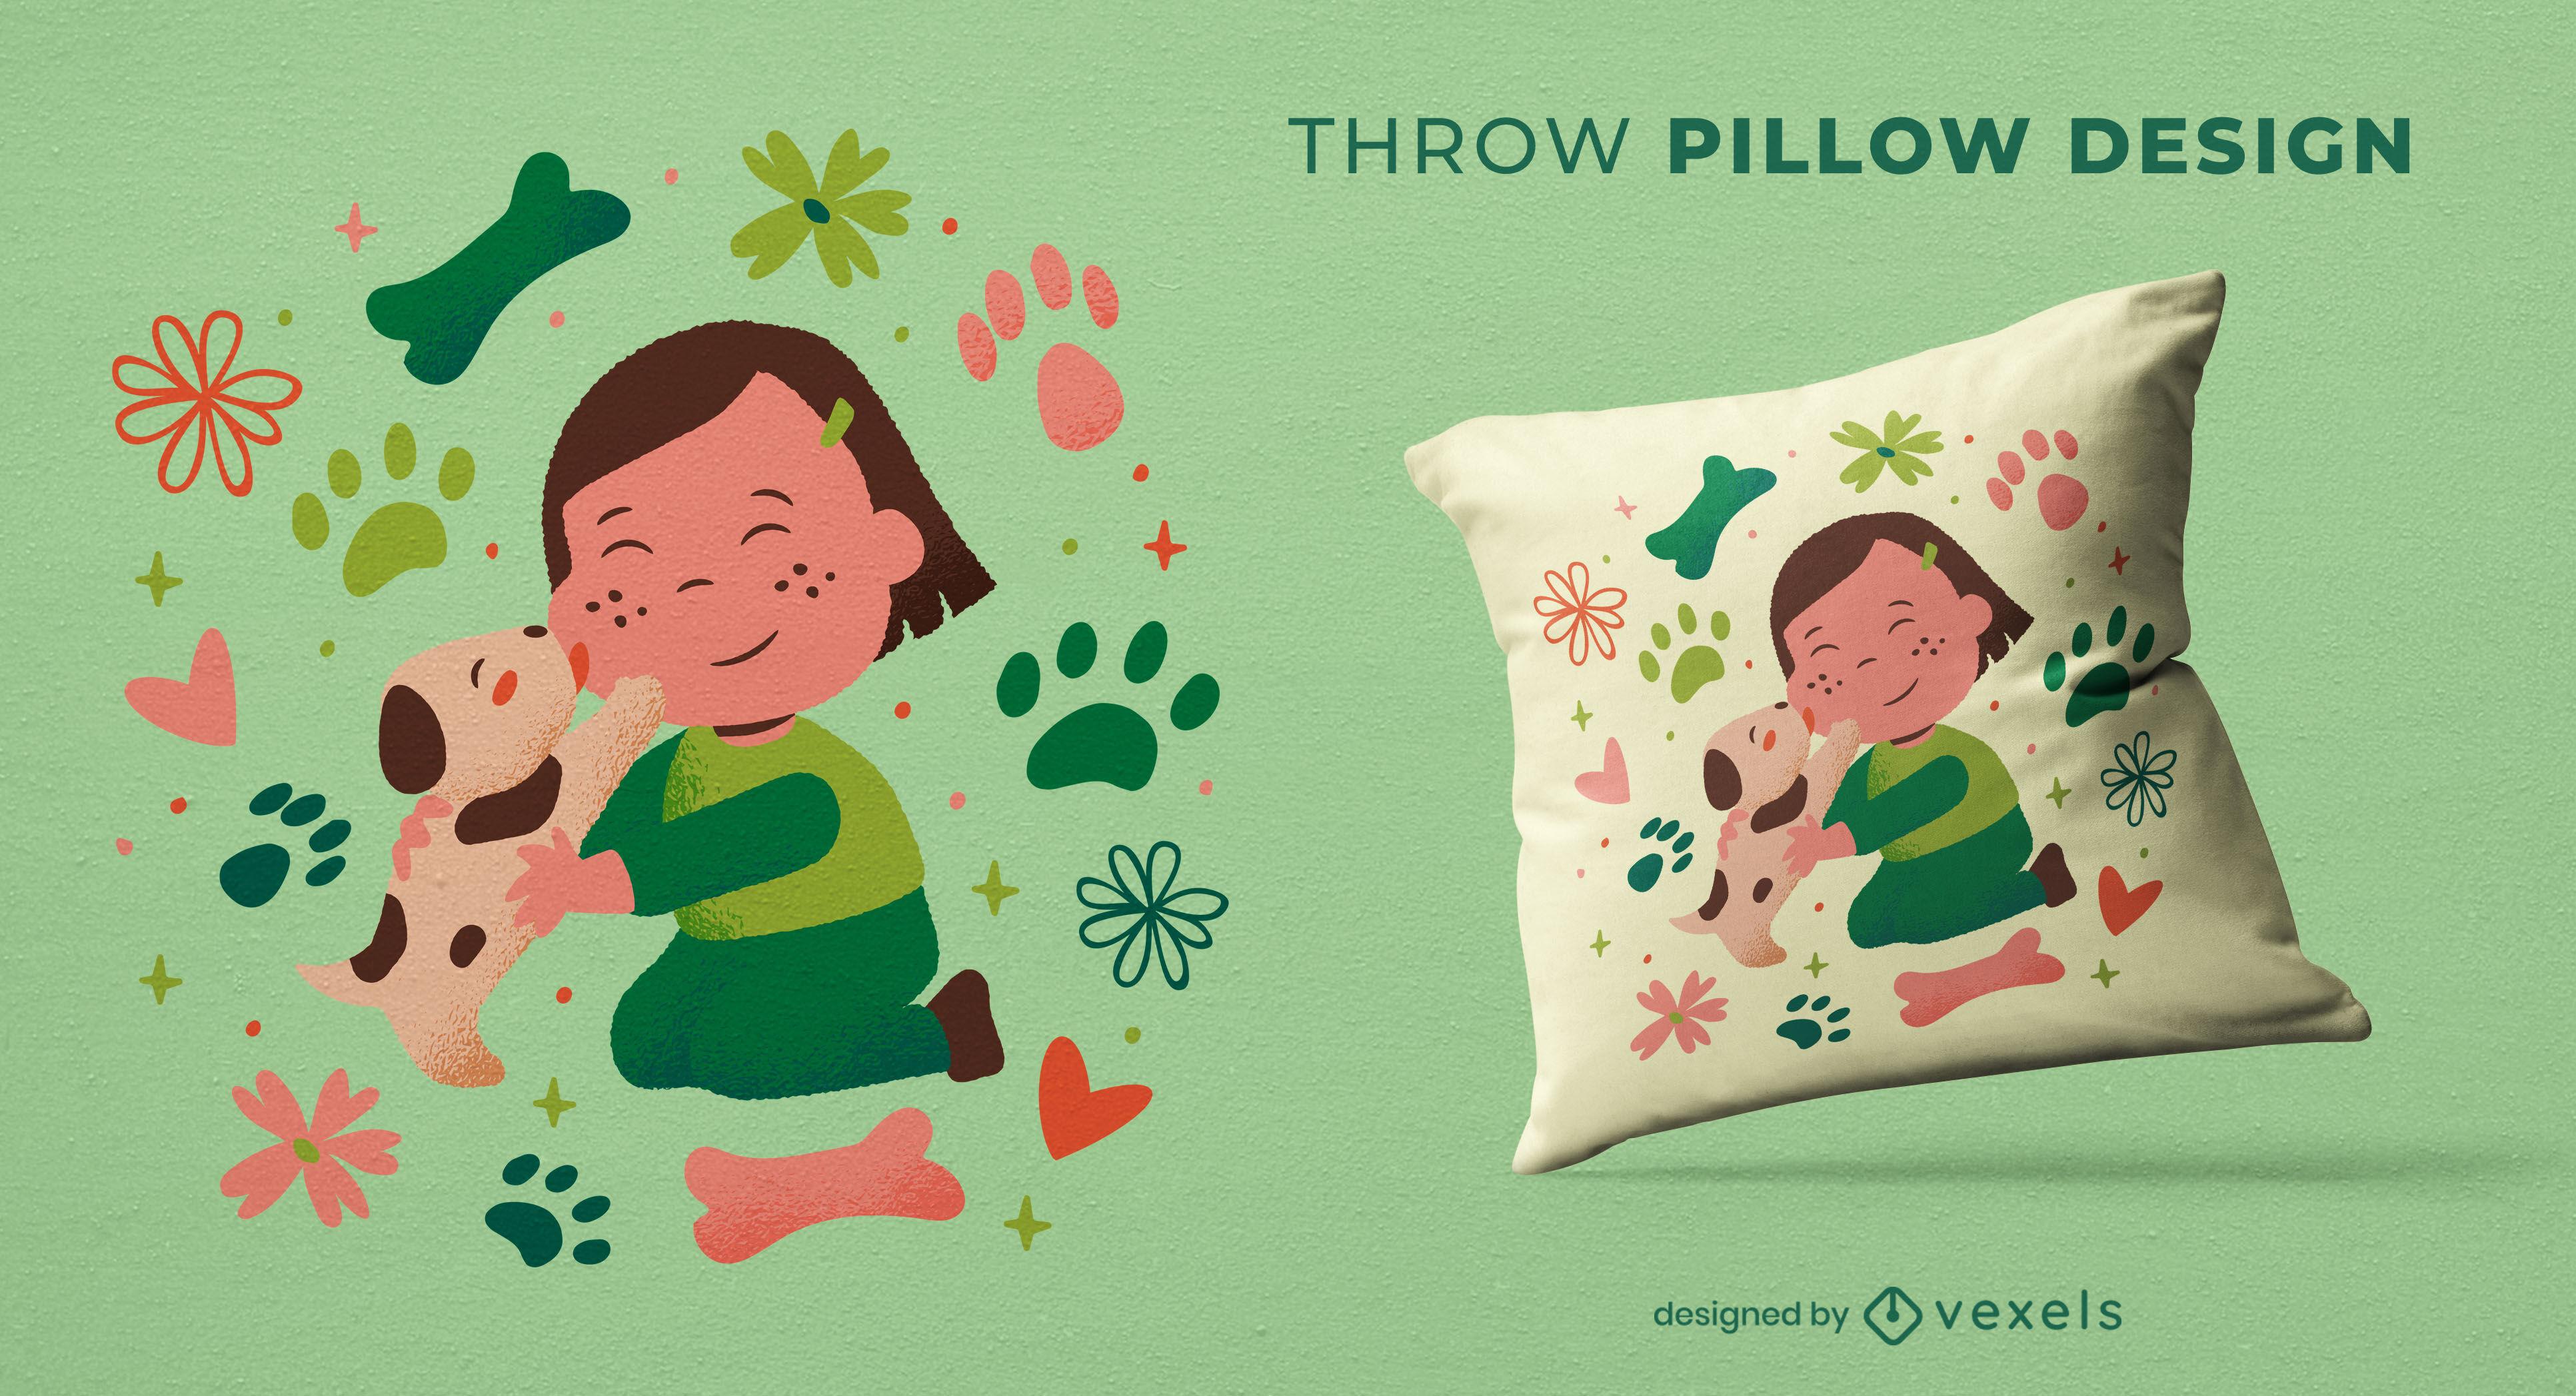 Diseño feliz de la almohada del tiro de la muchacha y del perrito